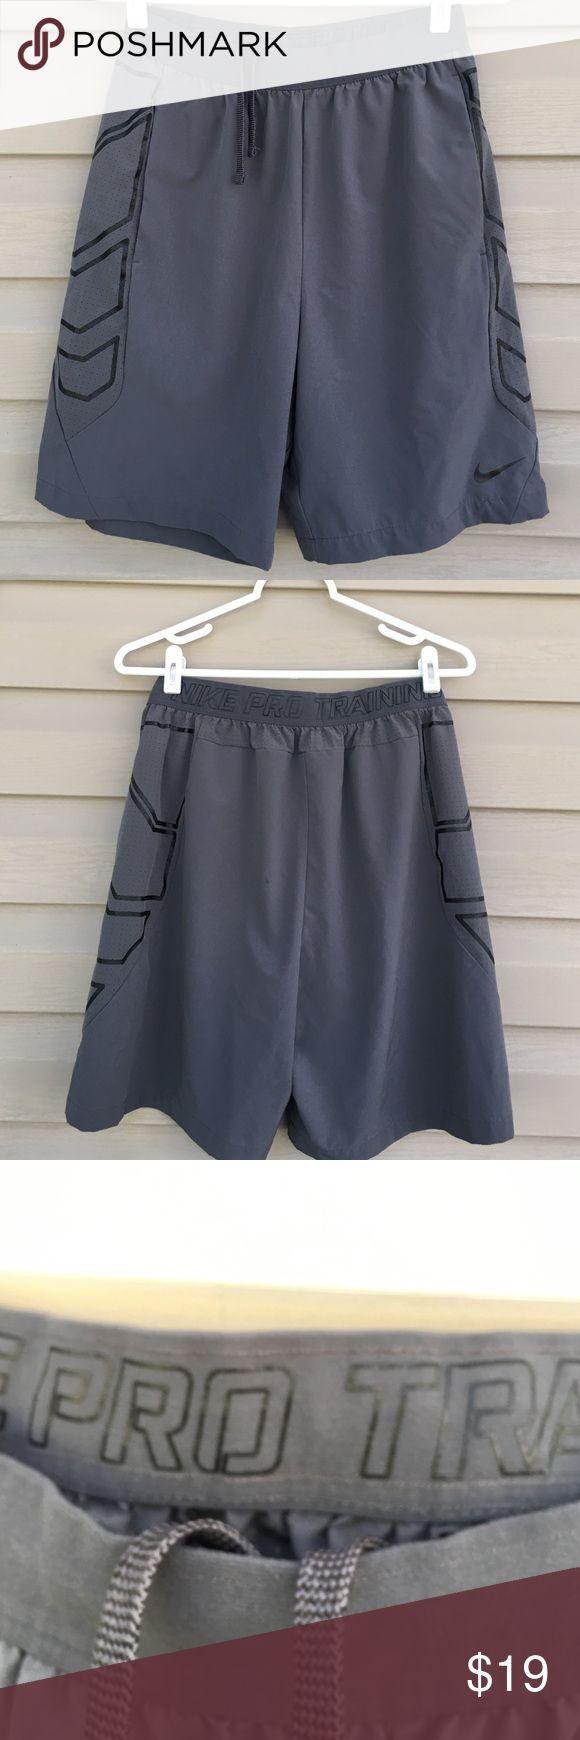 Nike men's shorts Very nice Nike pro training shorts like new 84% polyester 16% spandex with drawstring Nike Shorts Athletic